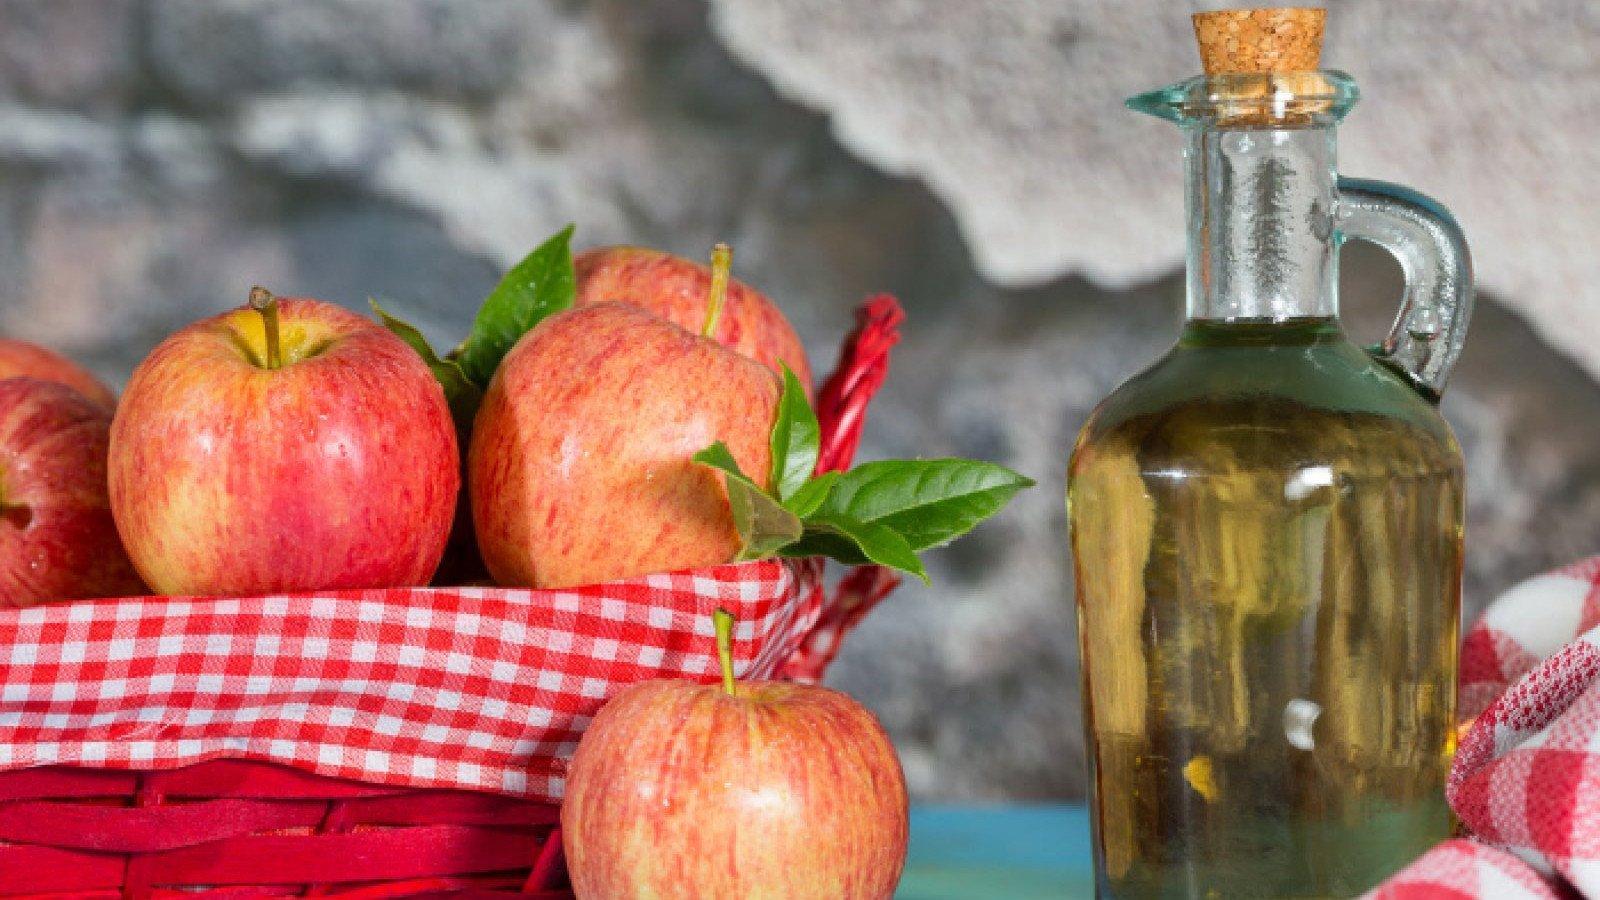 El vinagre de manzana es un producto natural con muchos beneficios saludables.